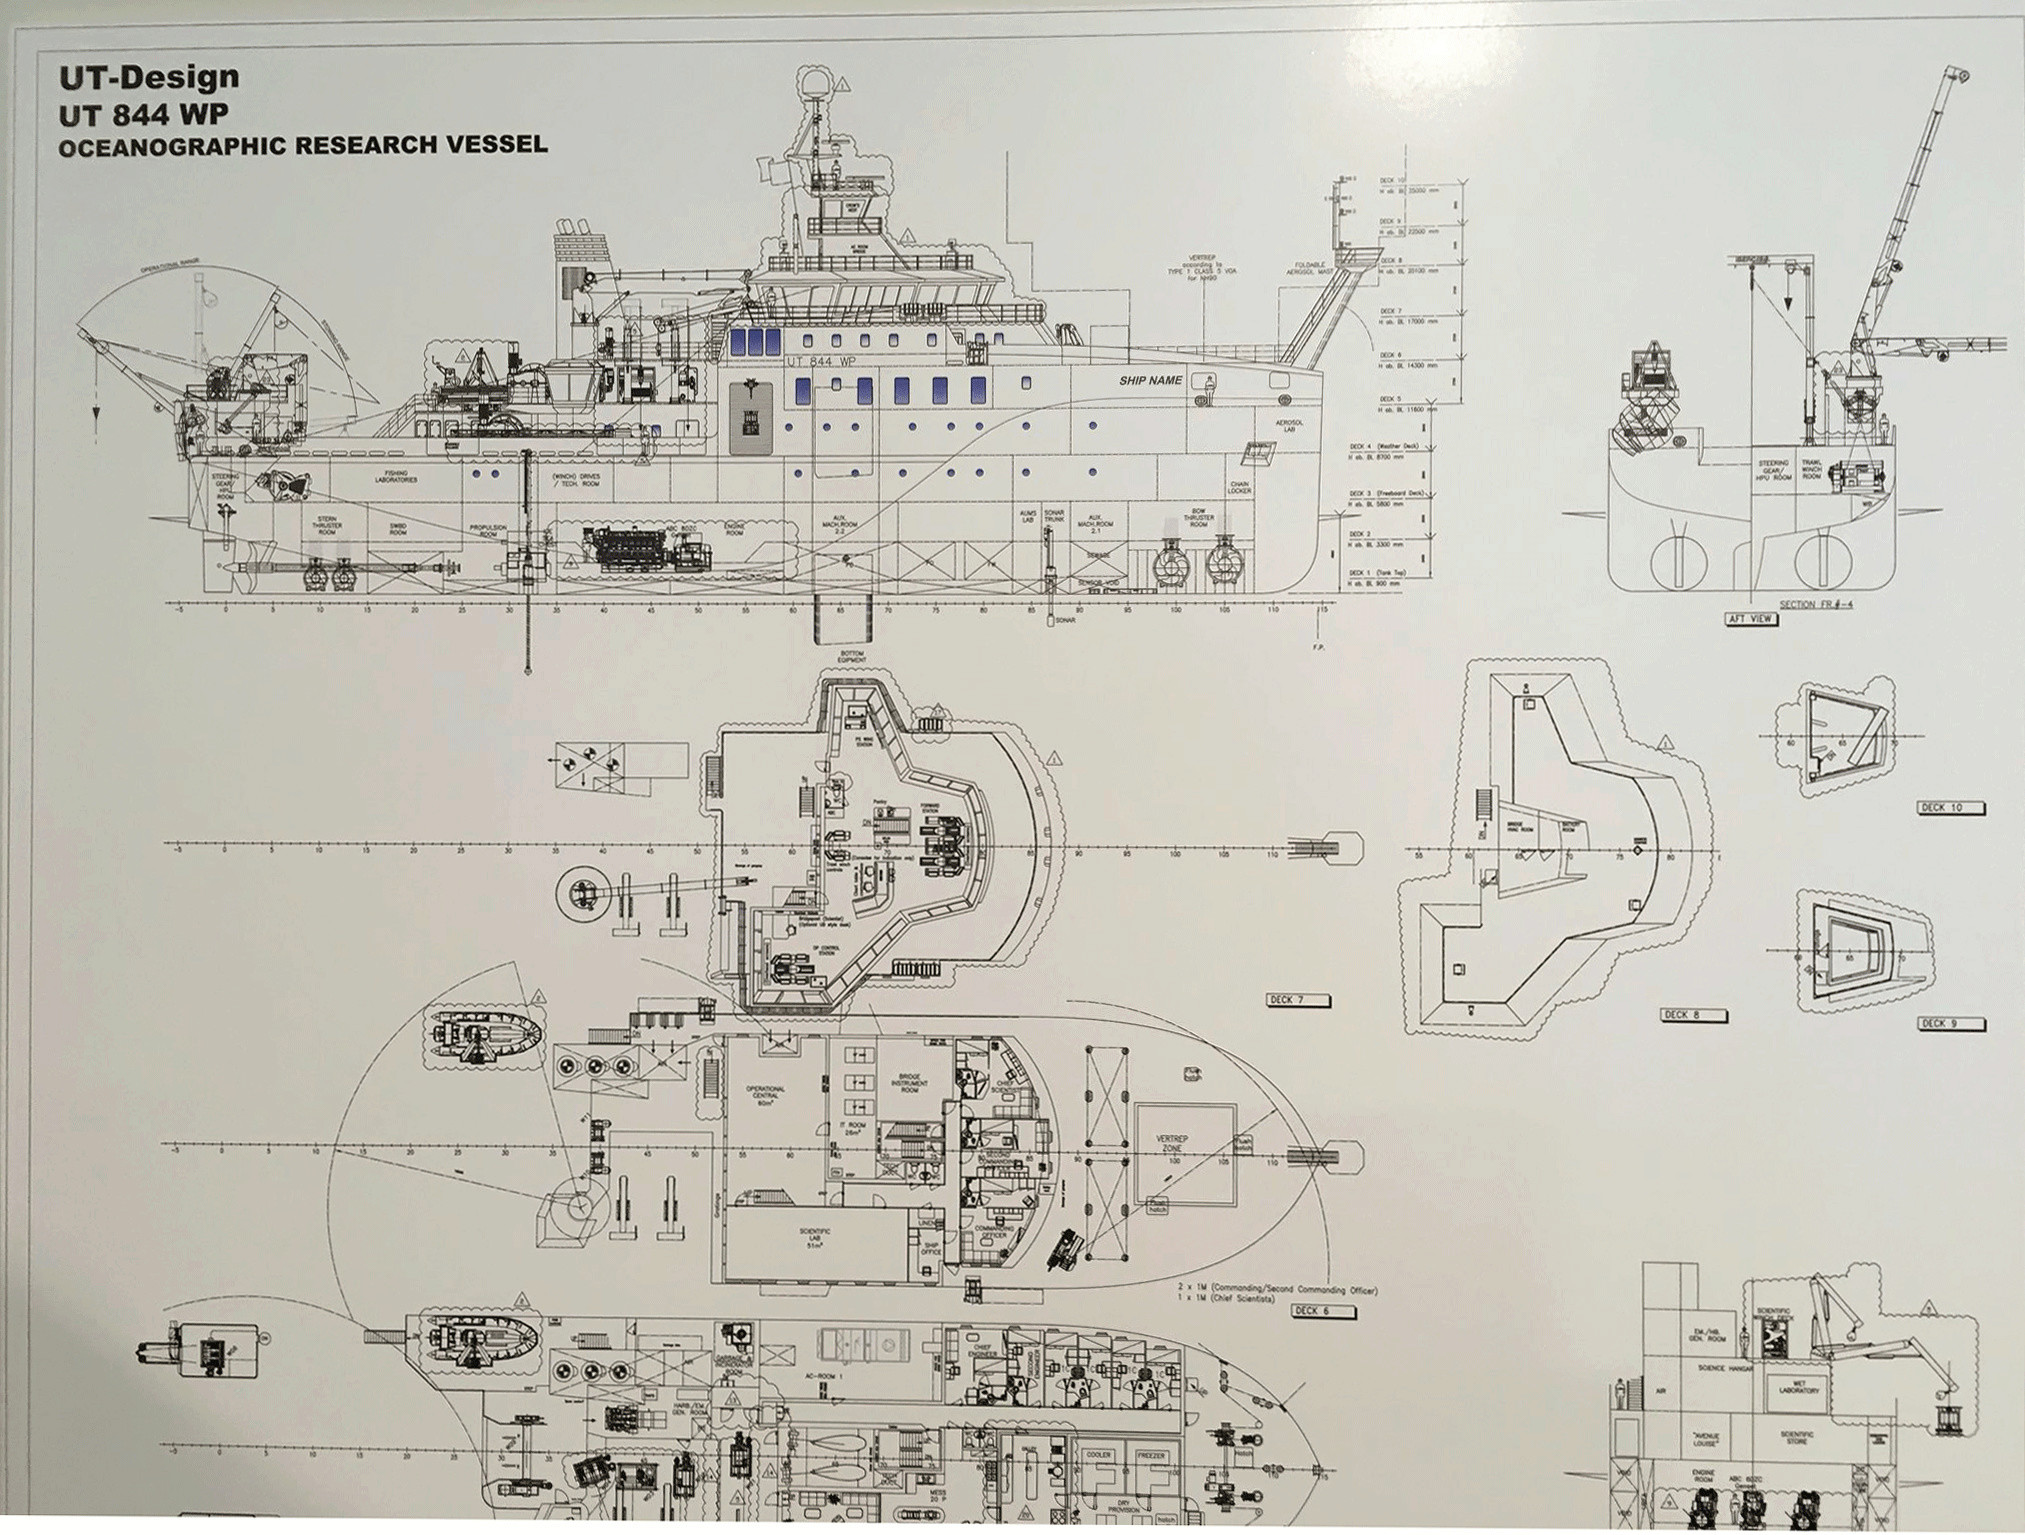 Remplacement du navire de recherche océanographique BELGICA - Page 9 Ekzhgq10